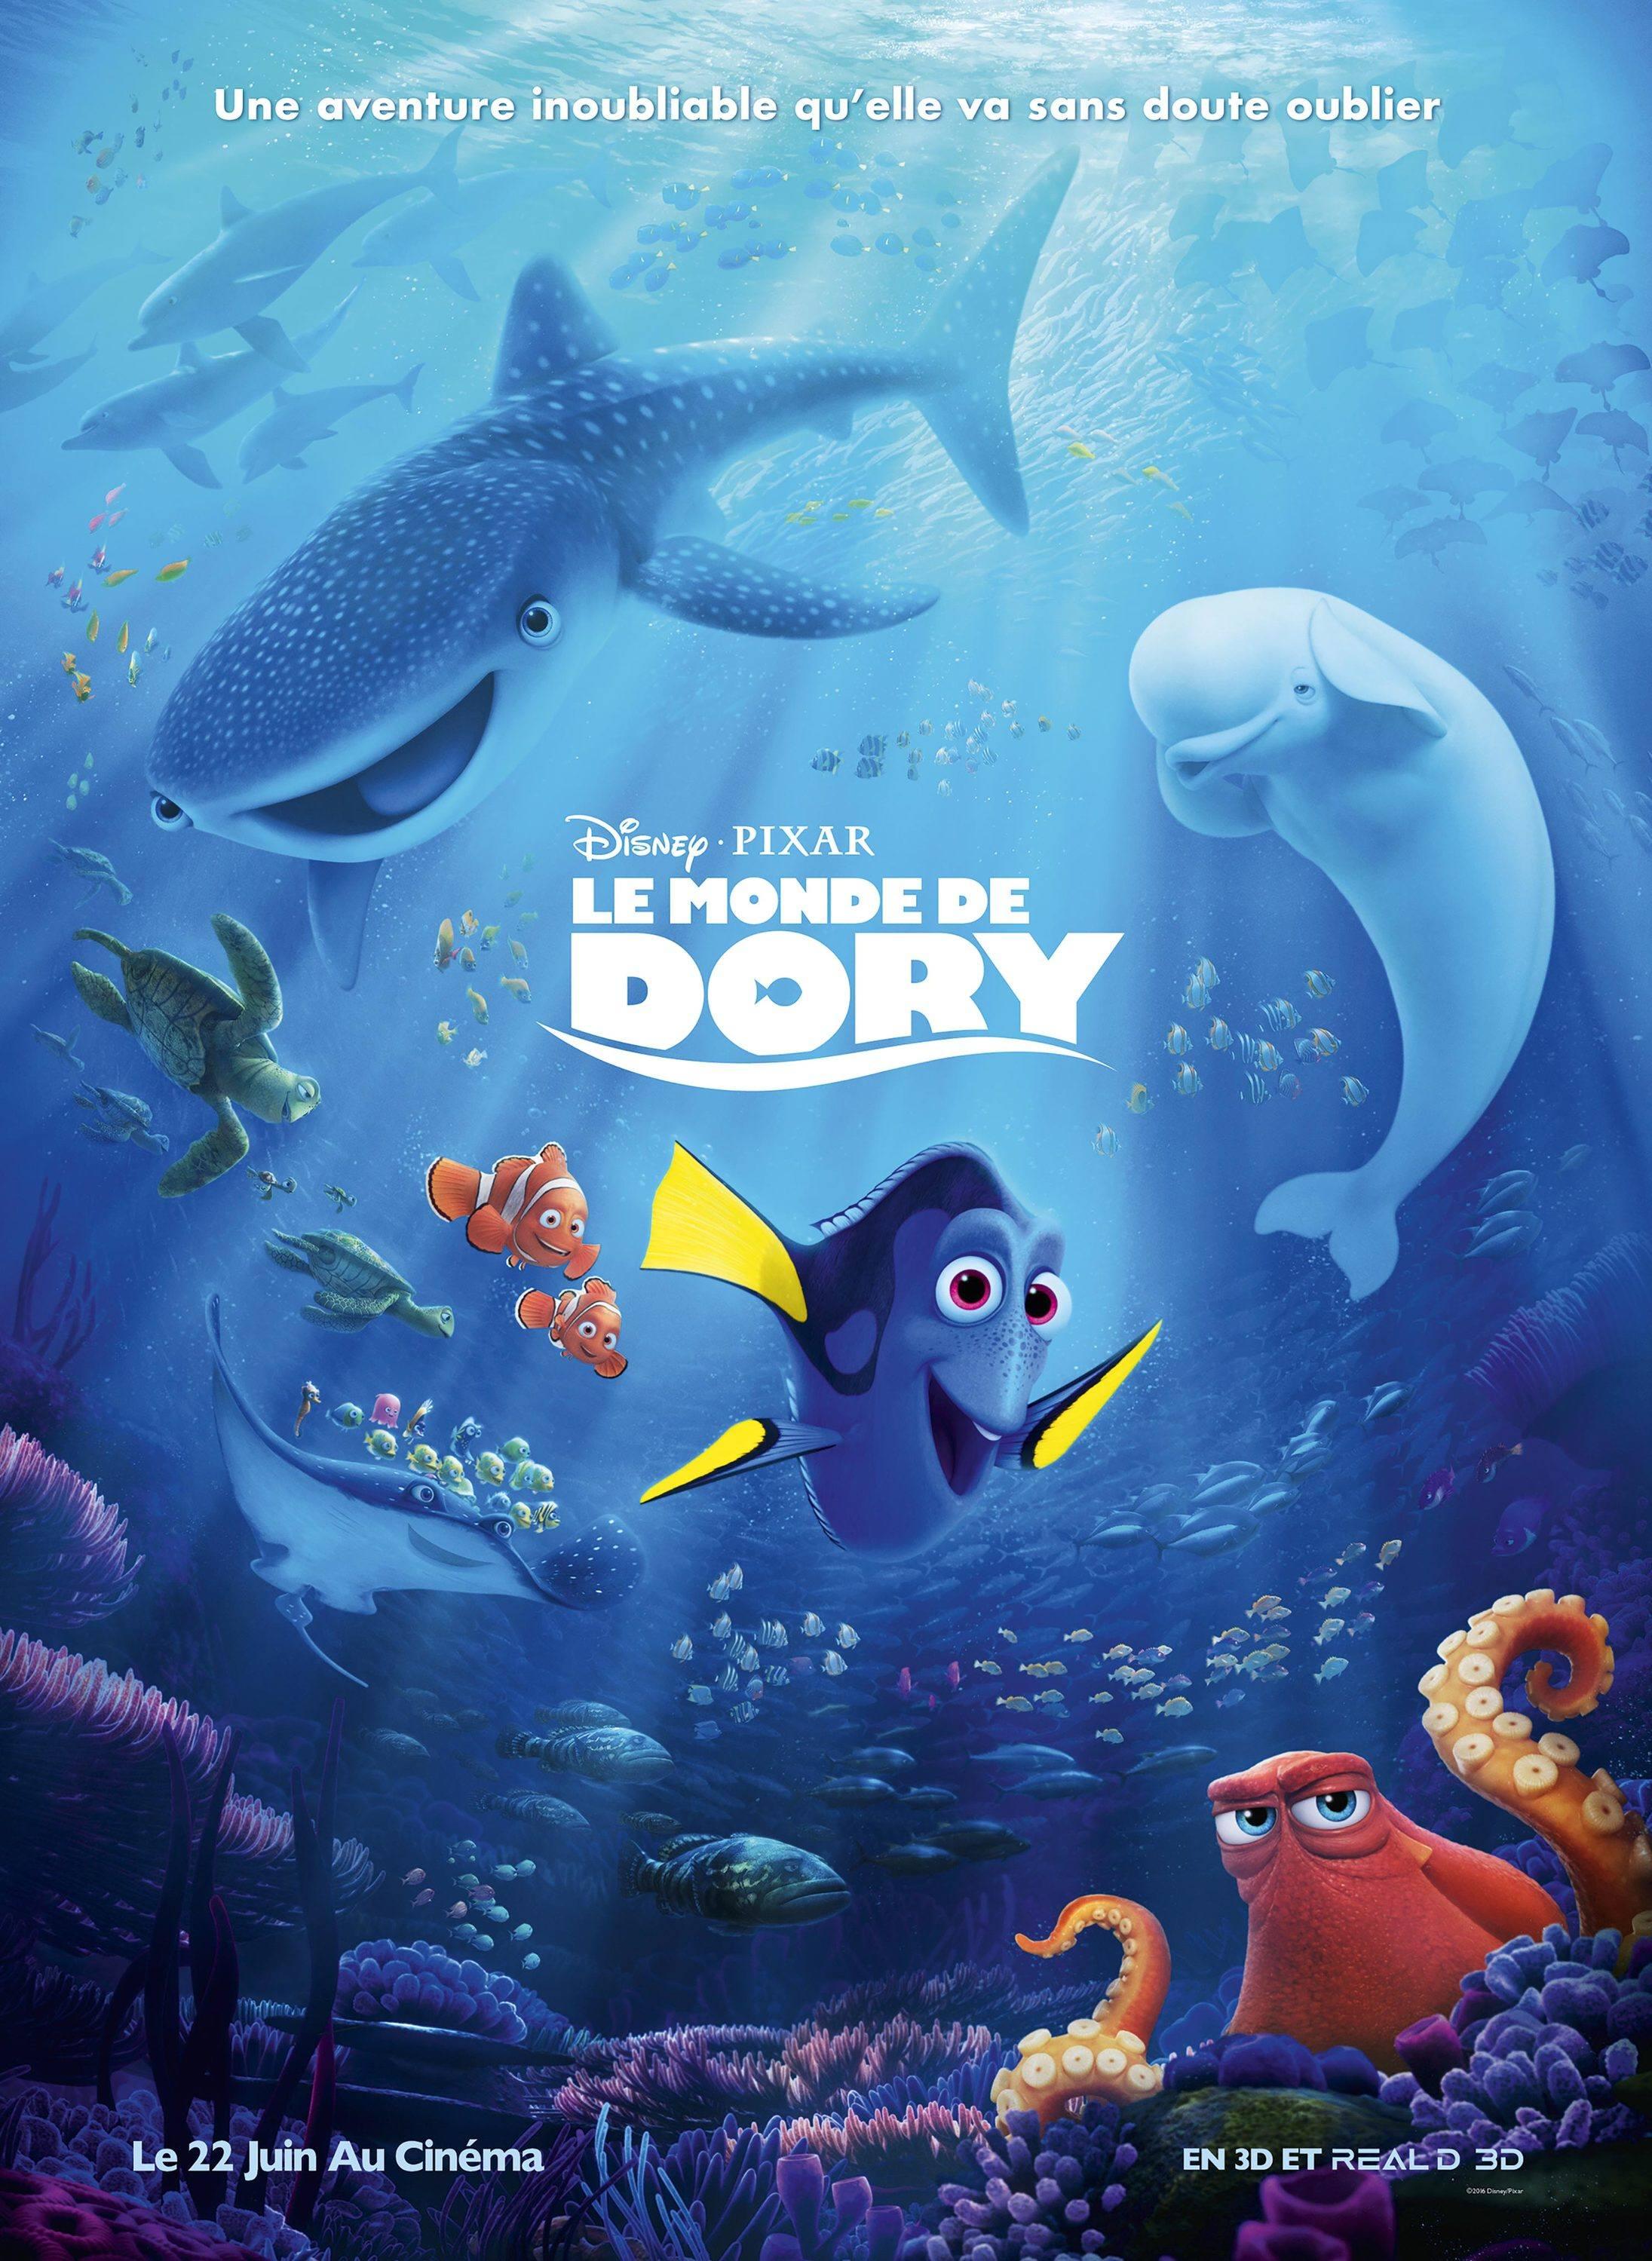 L'affiche du film Le Monde de Dory.